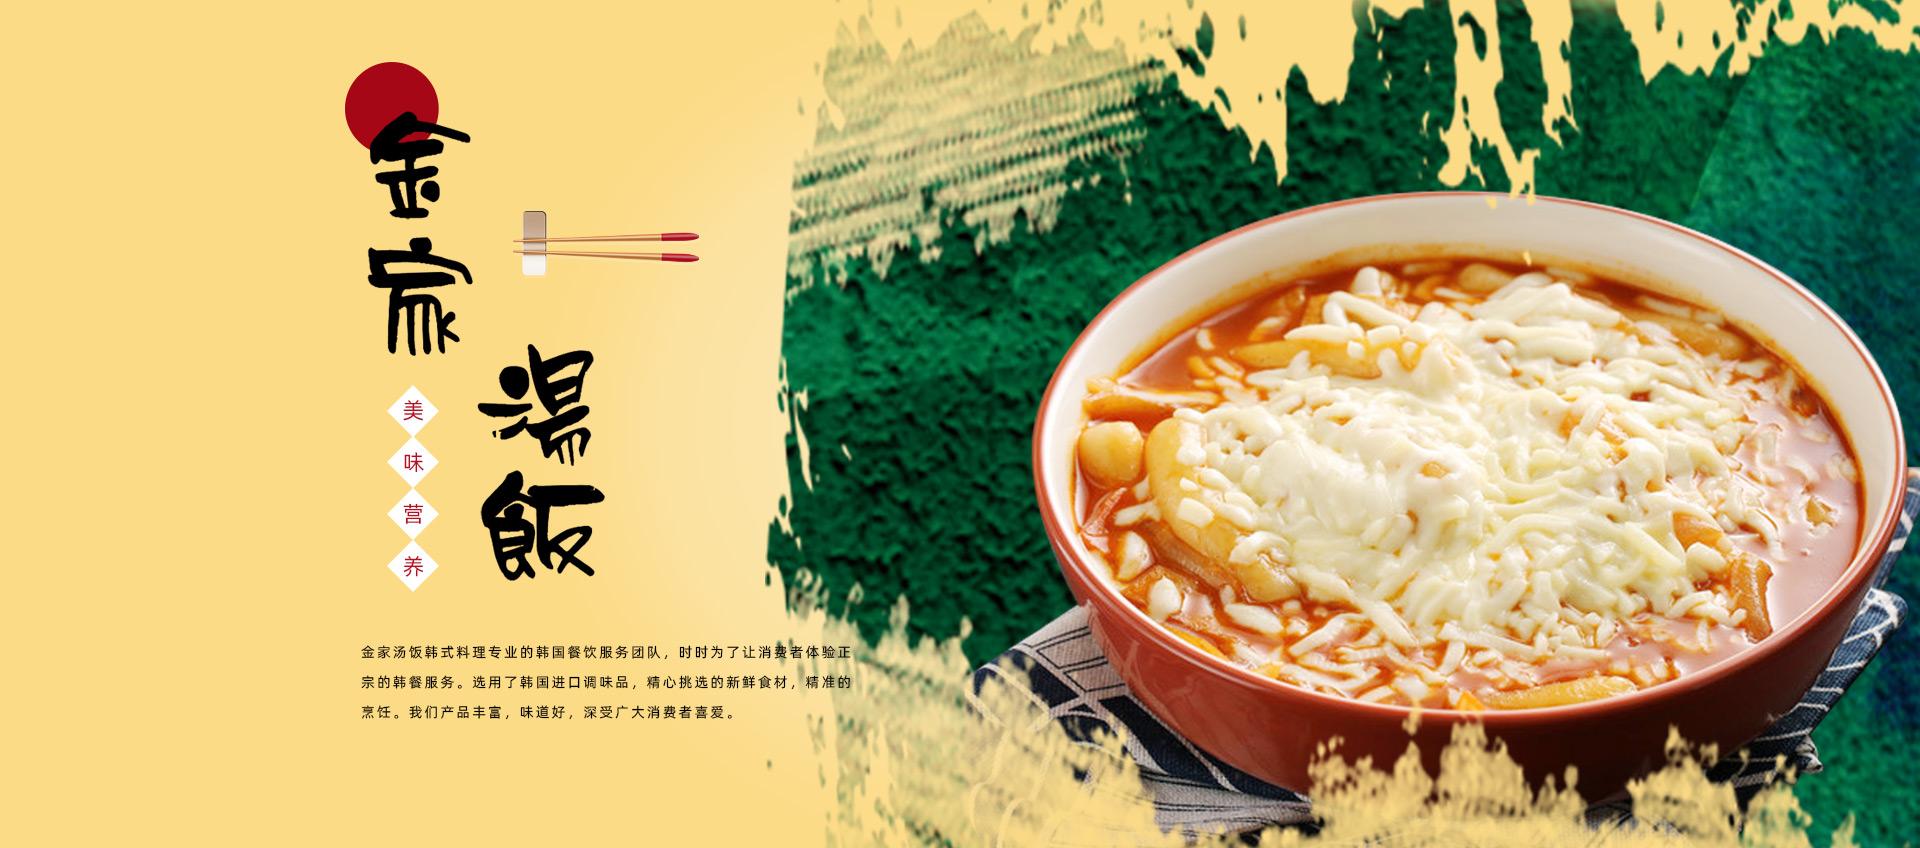 好吃的韩式烤肉推荐_好吃的韩式烤肉五花肉相关-金家汤饭